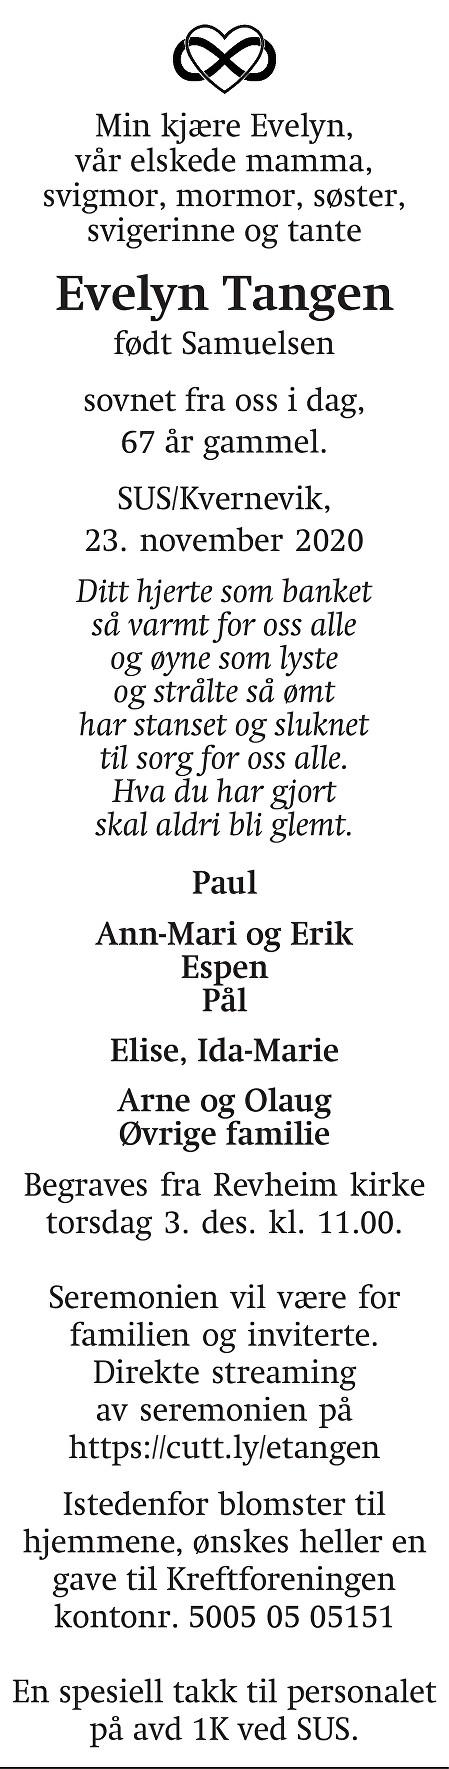 Evelyn Tangen Dødsannonse